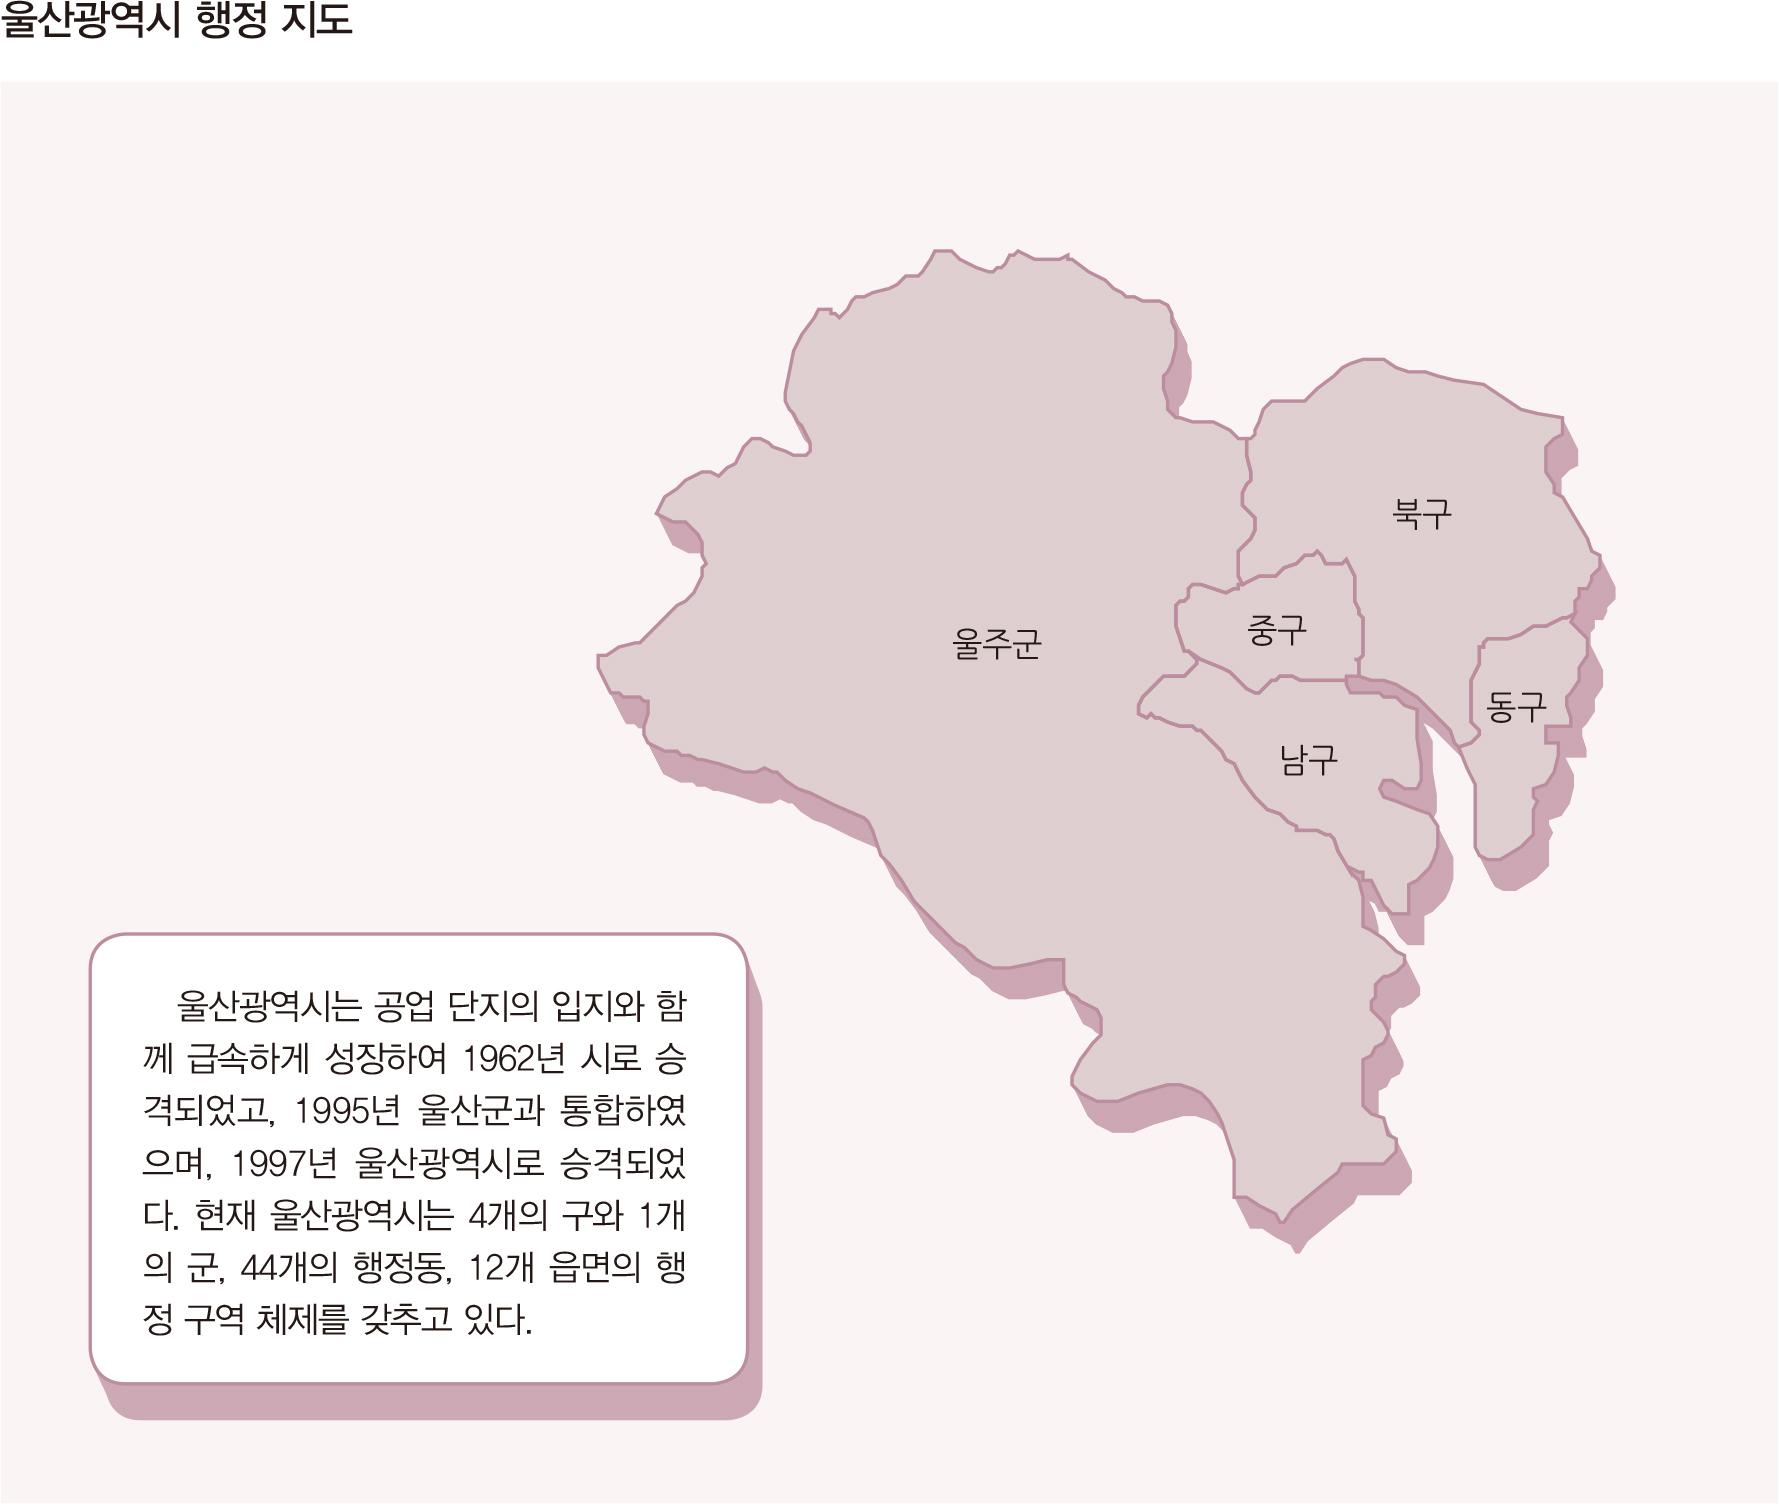 울산광역시 행정 지도